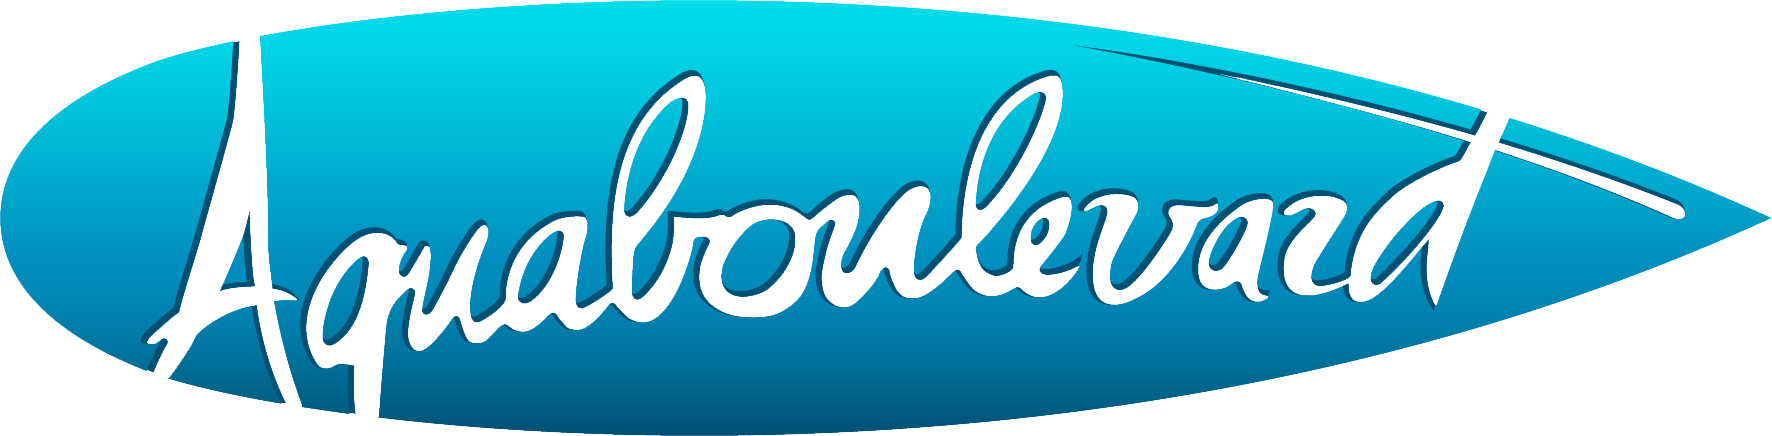 Aquaboulevard